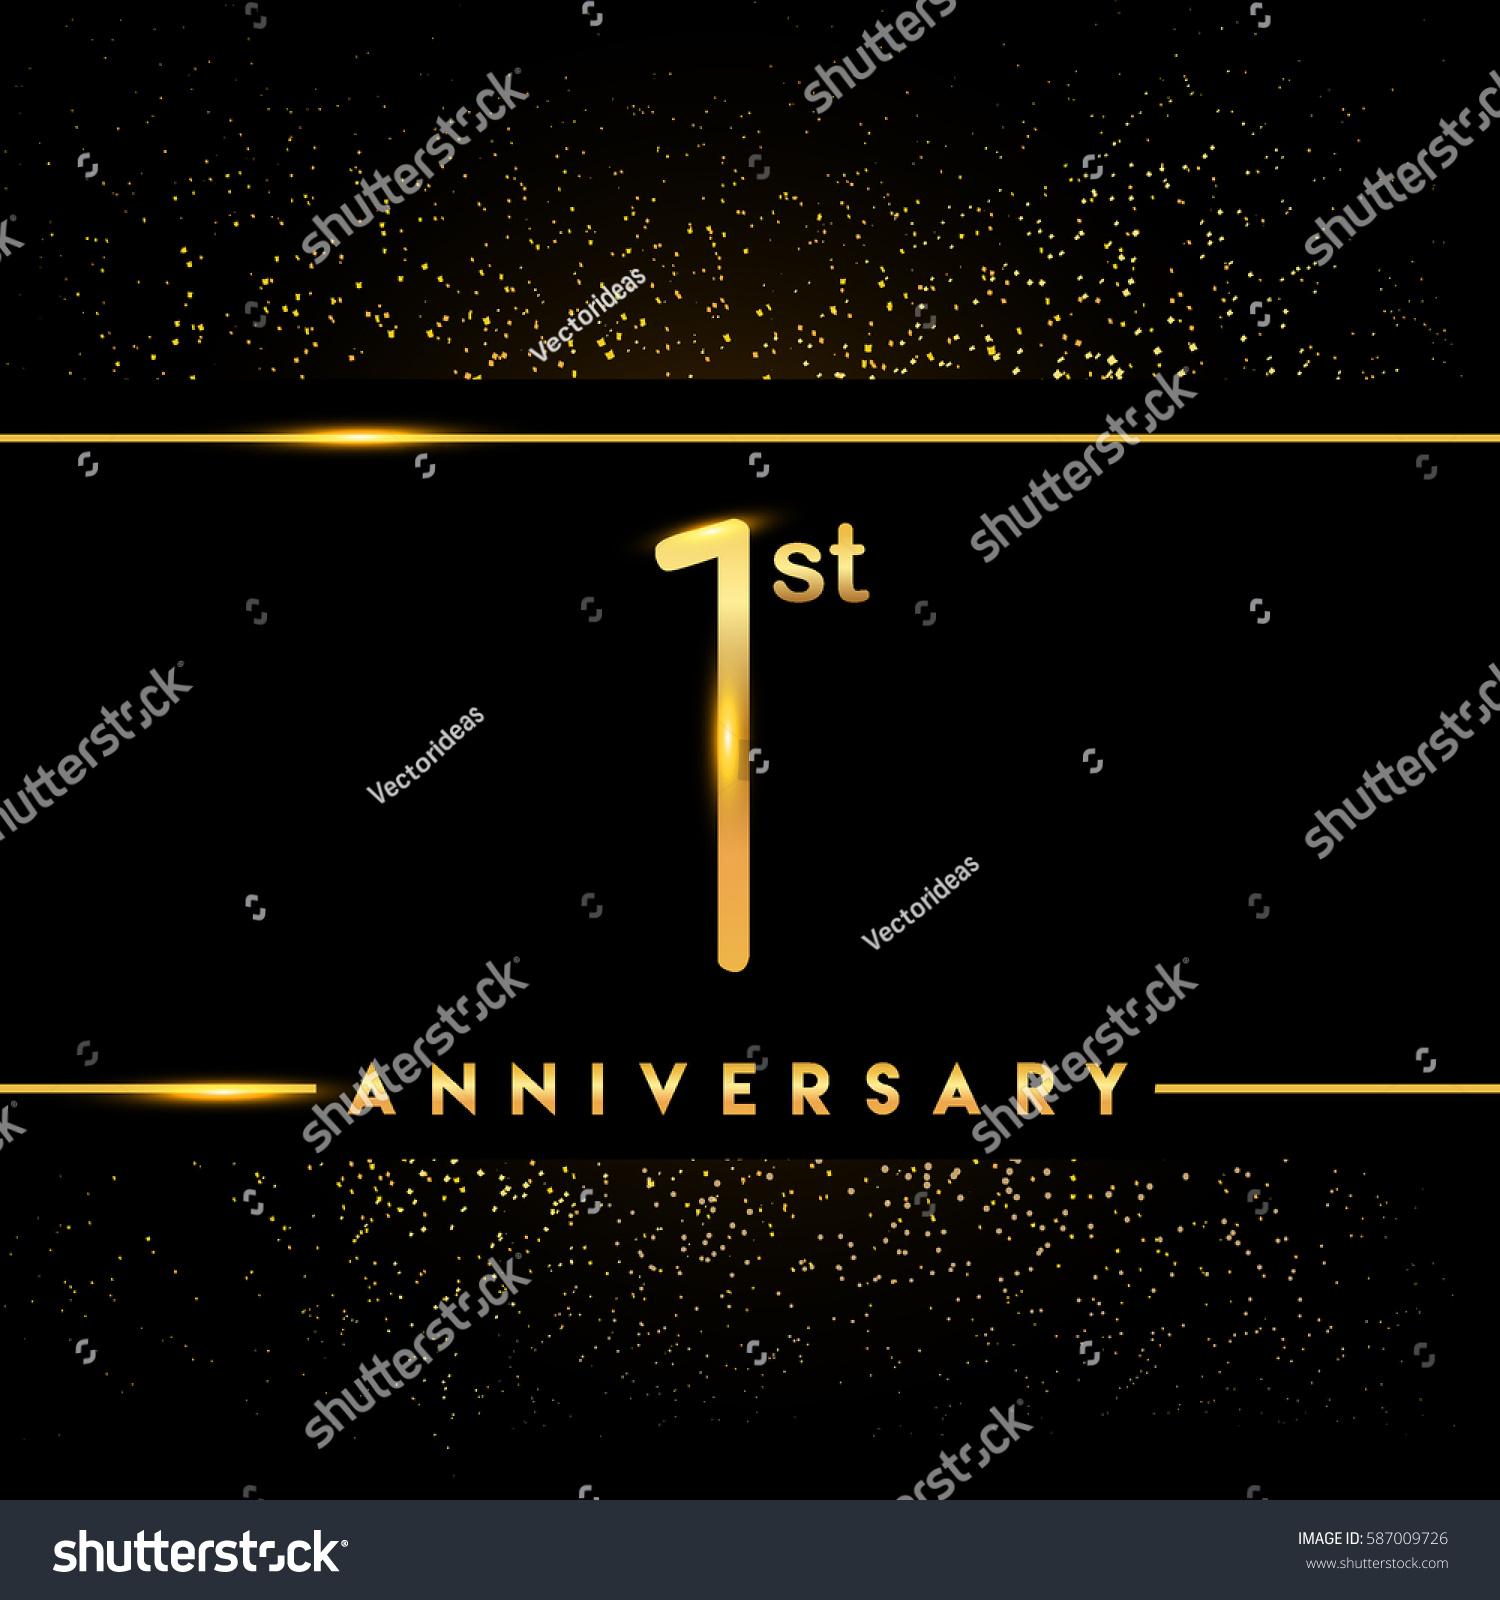 One year anniversary celebration logotype 1st stock vector 2018 one year anniversary celebration logotype 1st anniversary logo with confetti golden colored isolated on black stopboris Choice Image